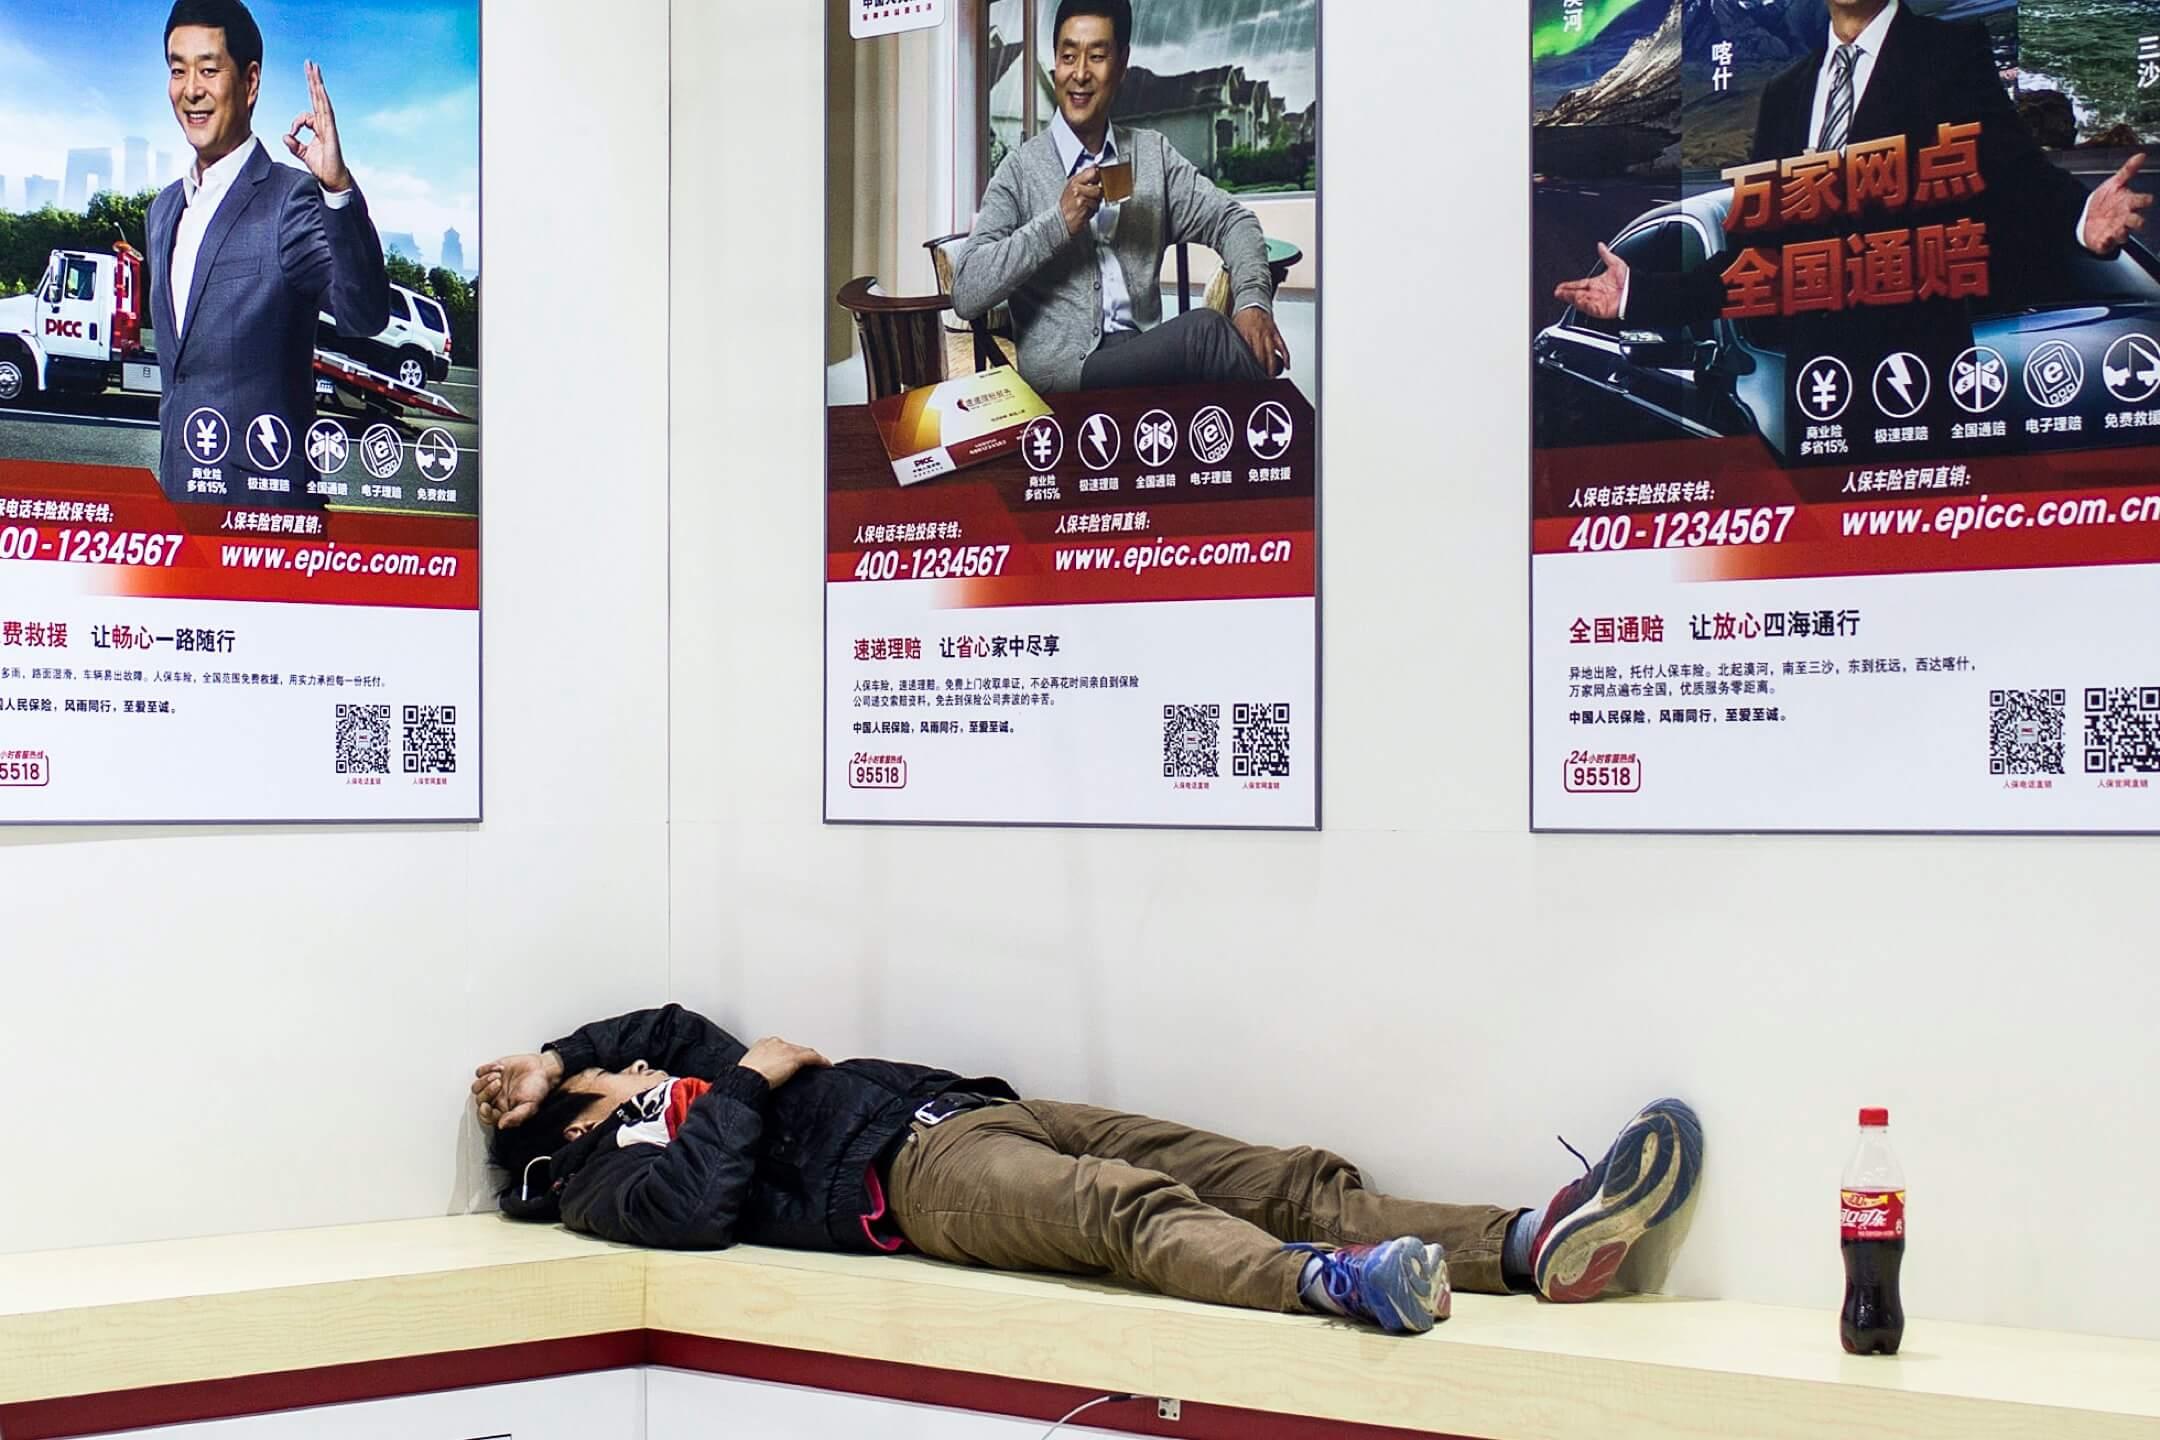 廣州國際汽車展覽會,一名布展的工人在展示板前躺下休息。